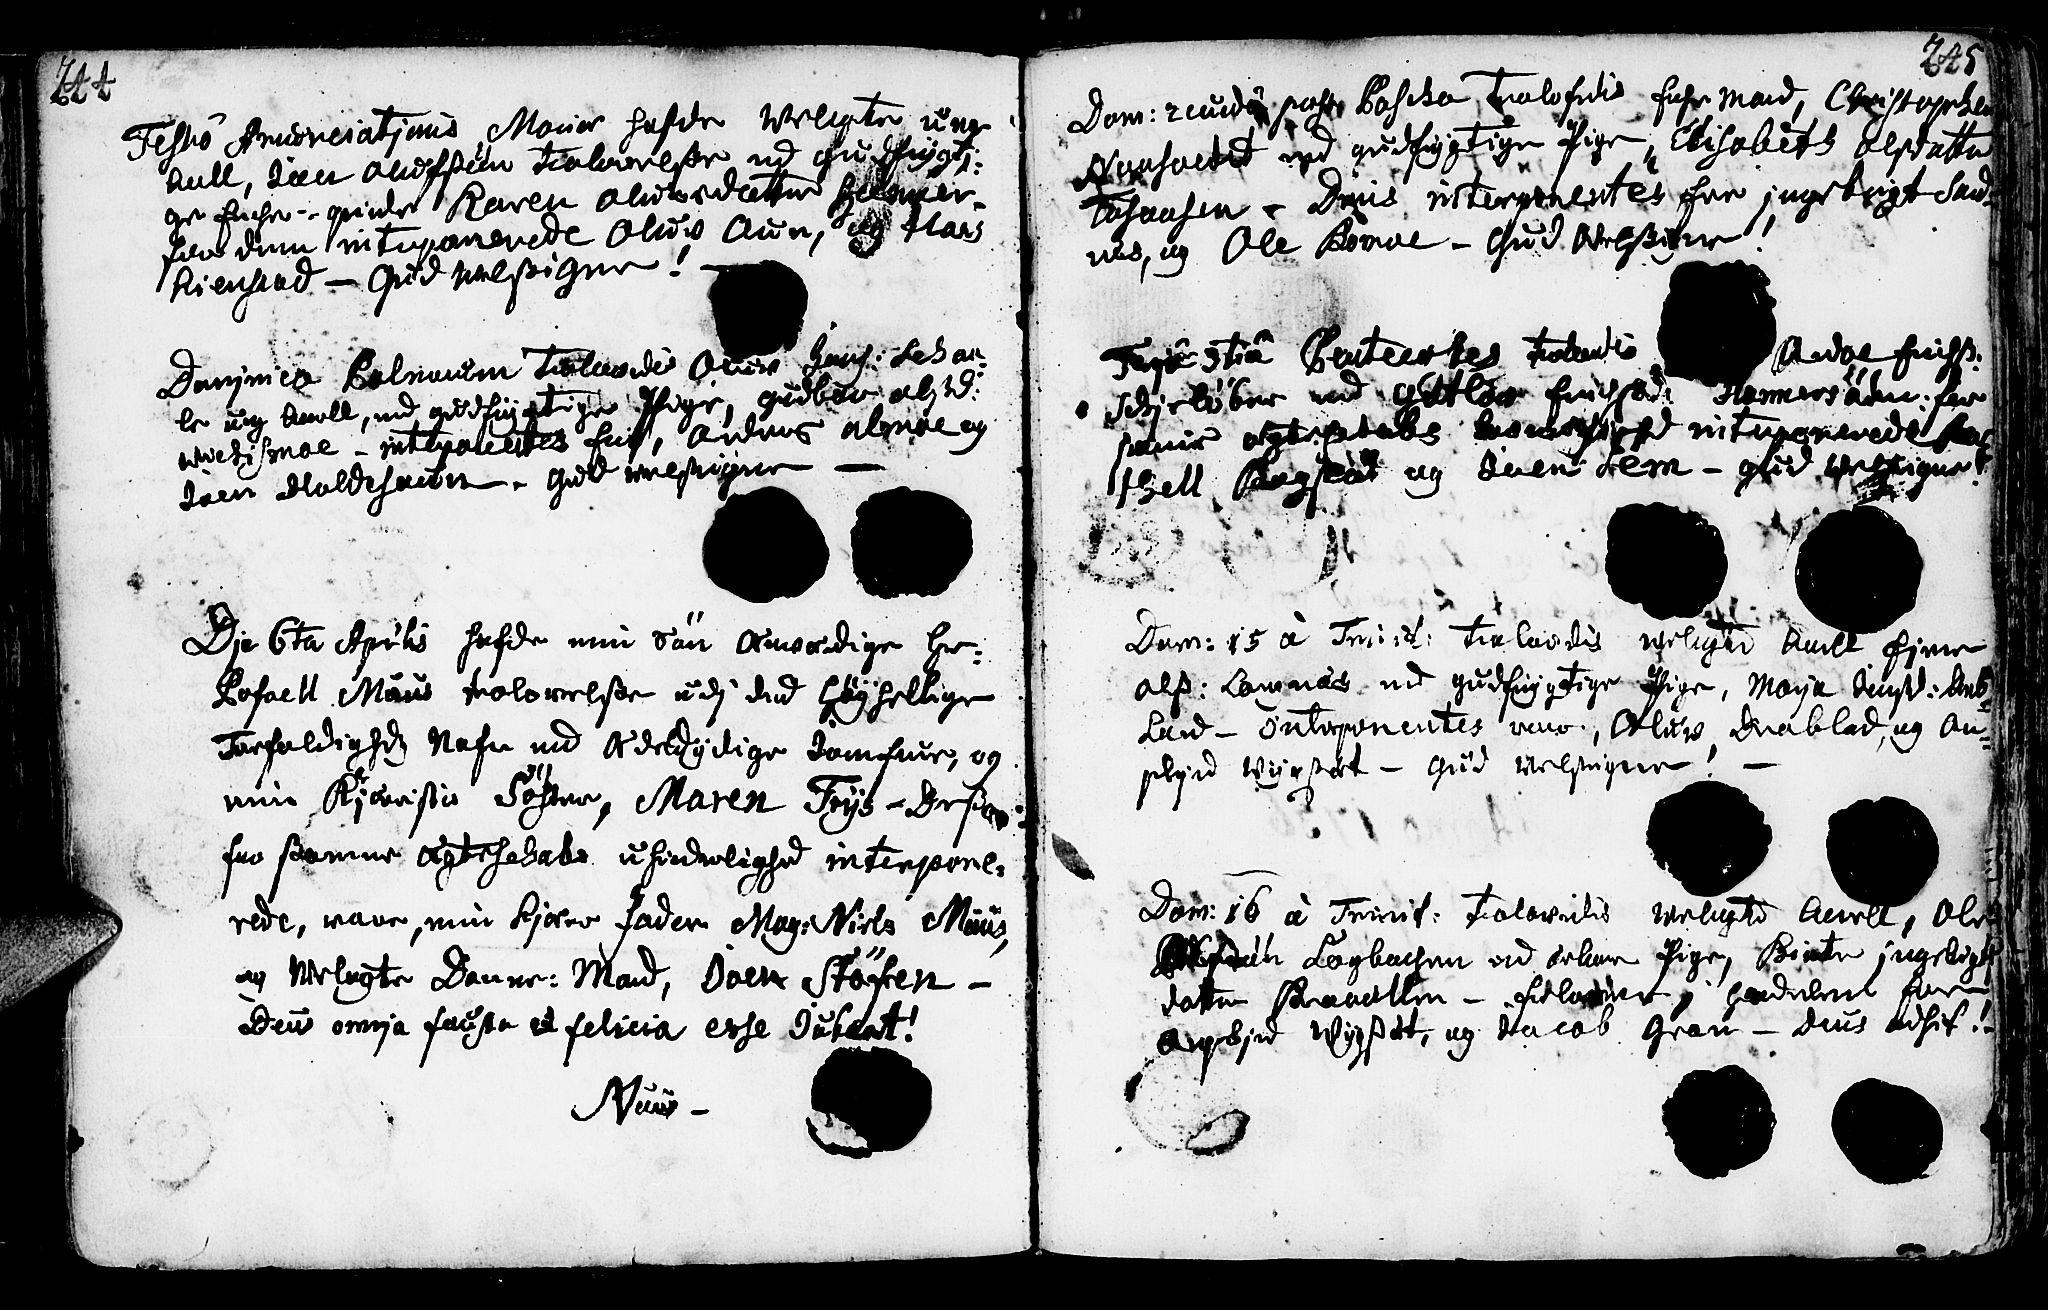 SAT, Ministerialprotokoller, klokkerbøker og fødselsregistre - Nord-Trøndelag, 749/L0467: Ministerialbok nr. 749A01, 1733-1787, s. 244-245